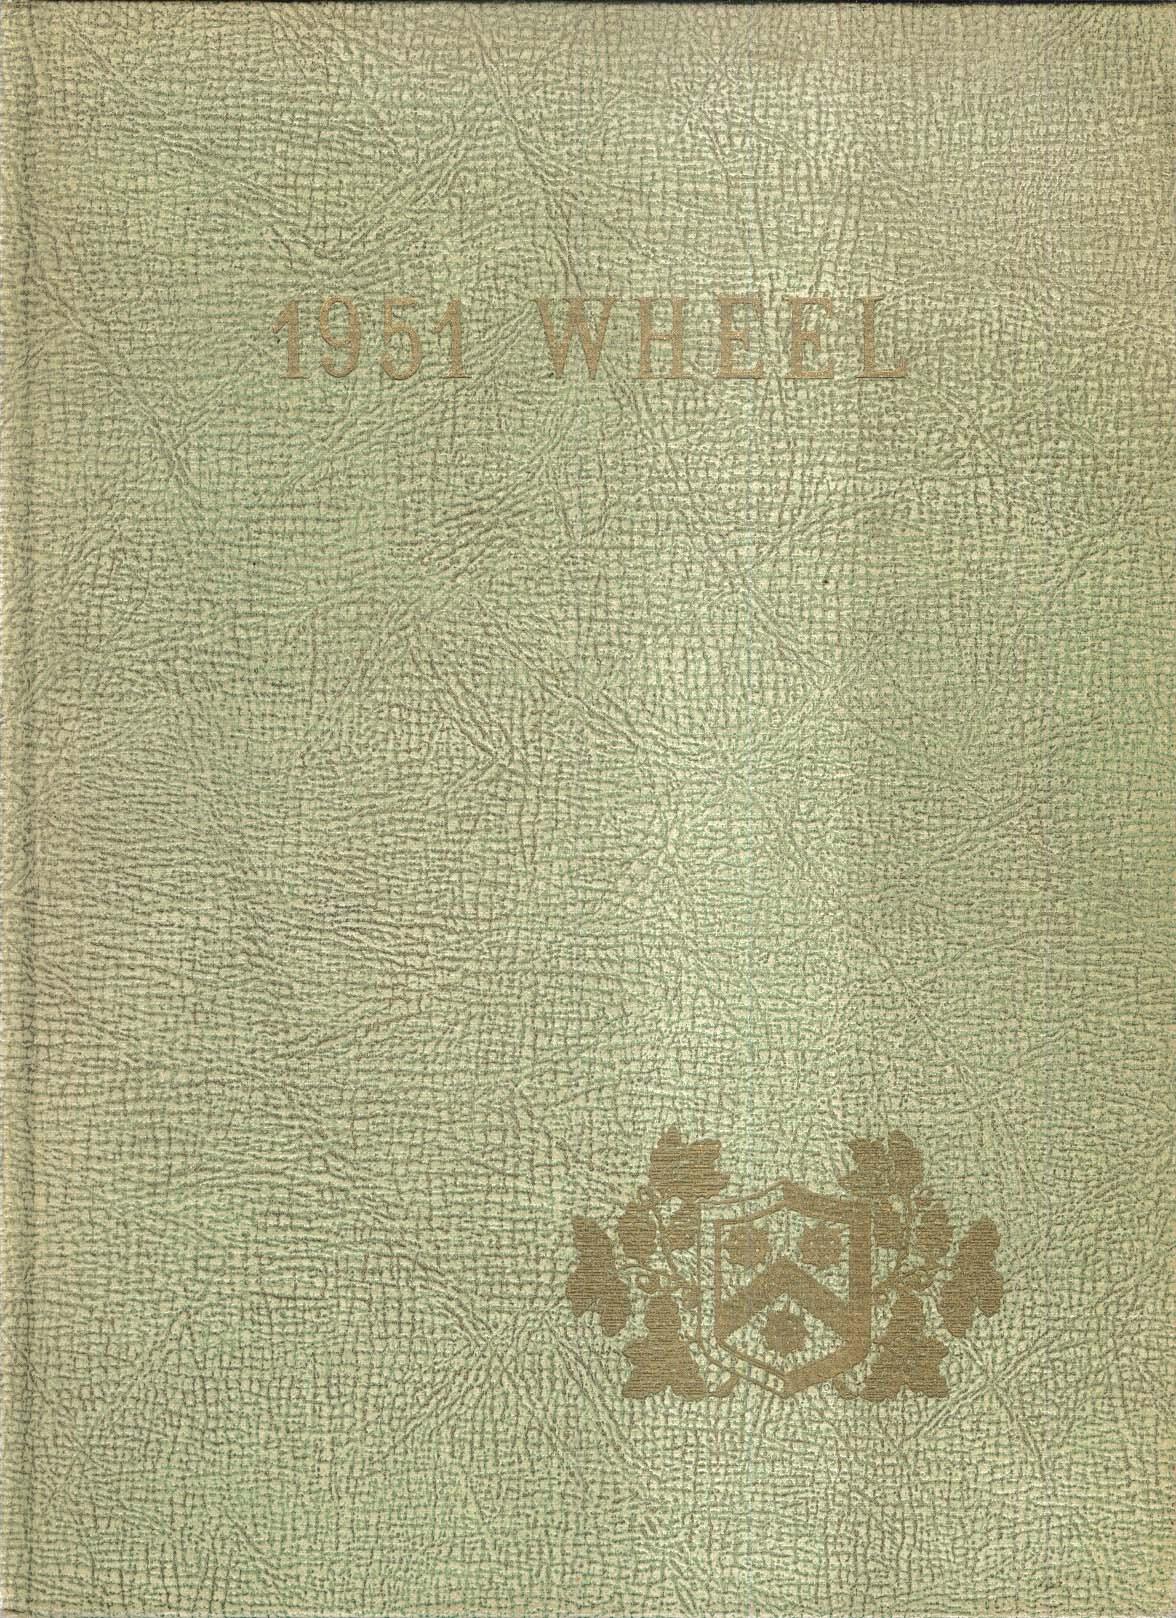 1951 Wheel Wheelock College 132 Riverway Boston Massachusetts MA Yearbook